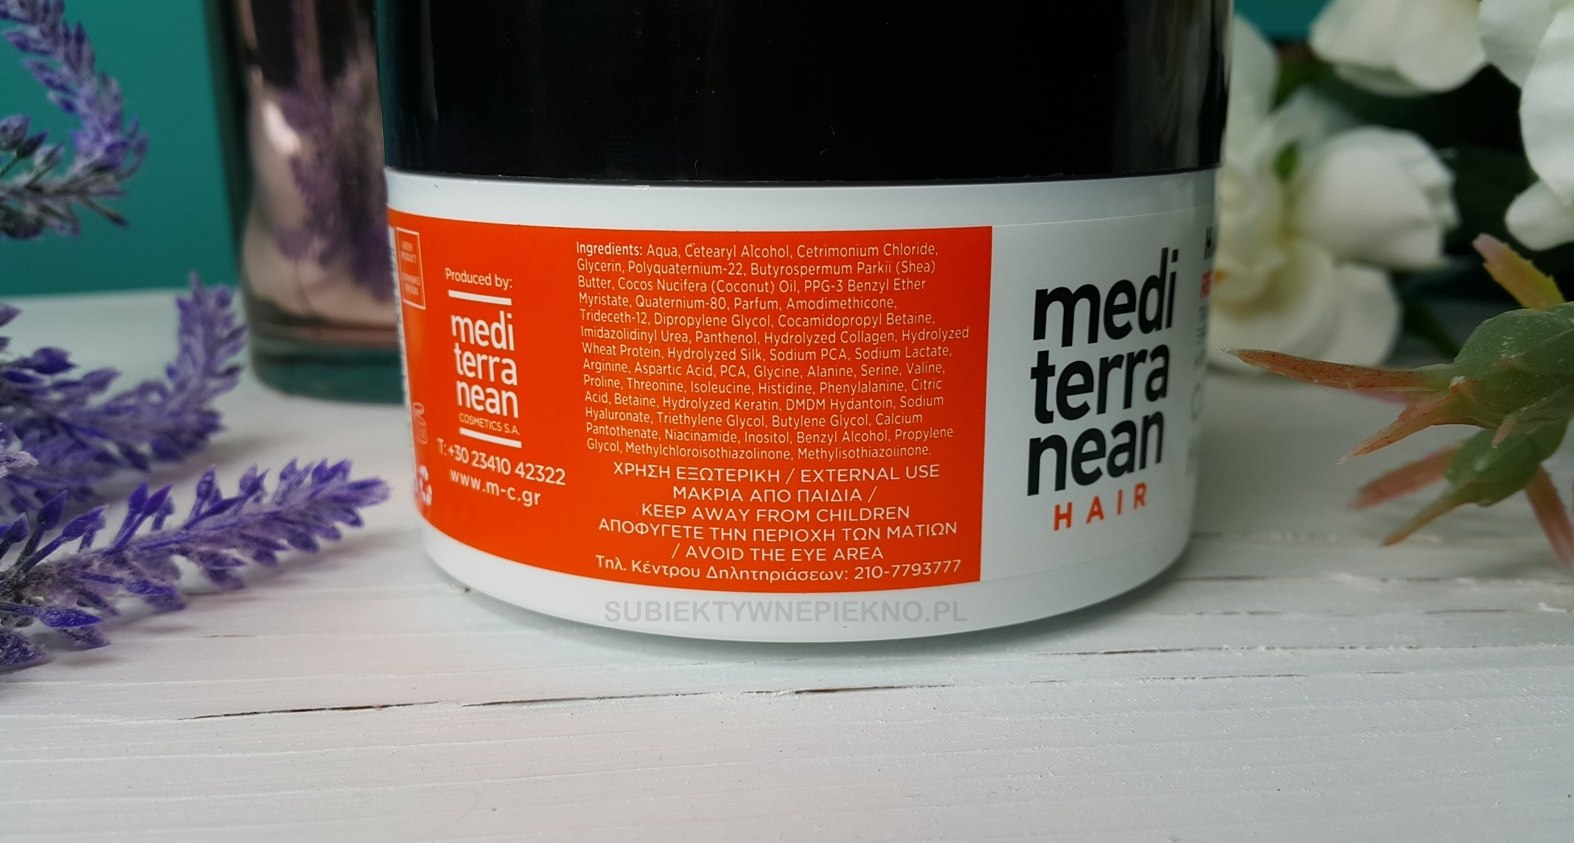 Mediterranean Maska do włosów skład, działanie, opinie, blog